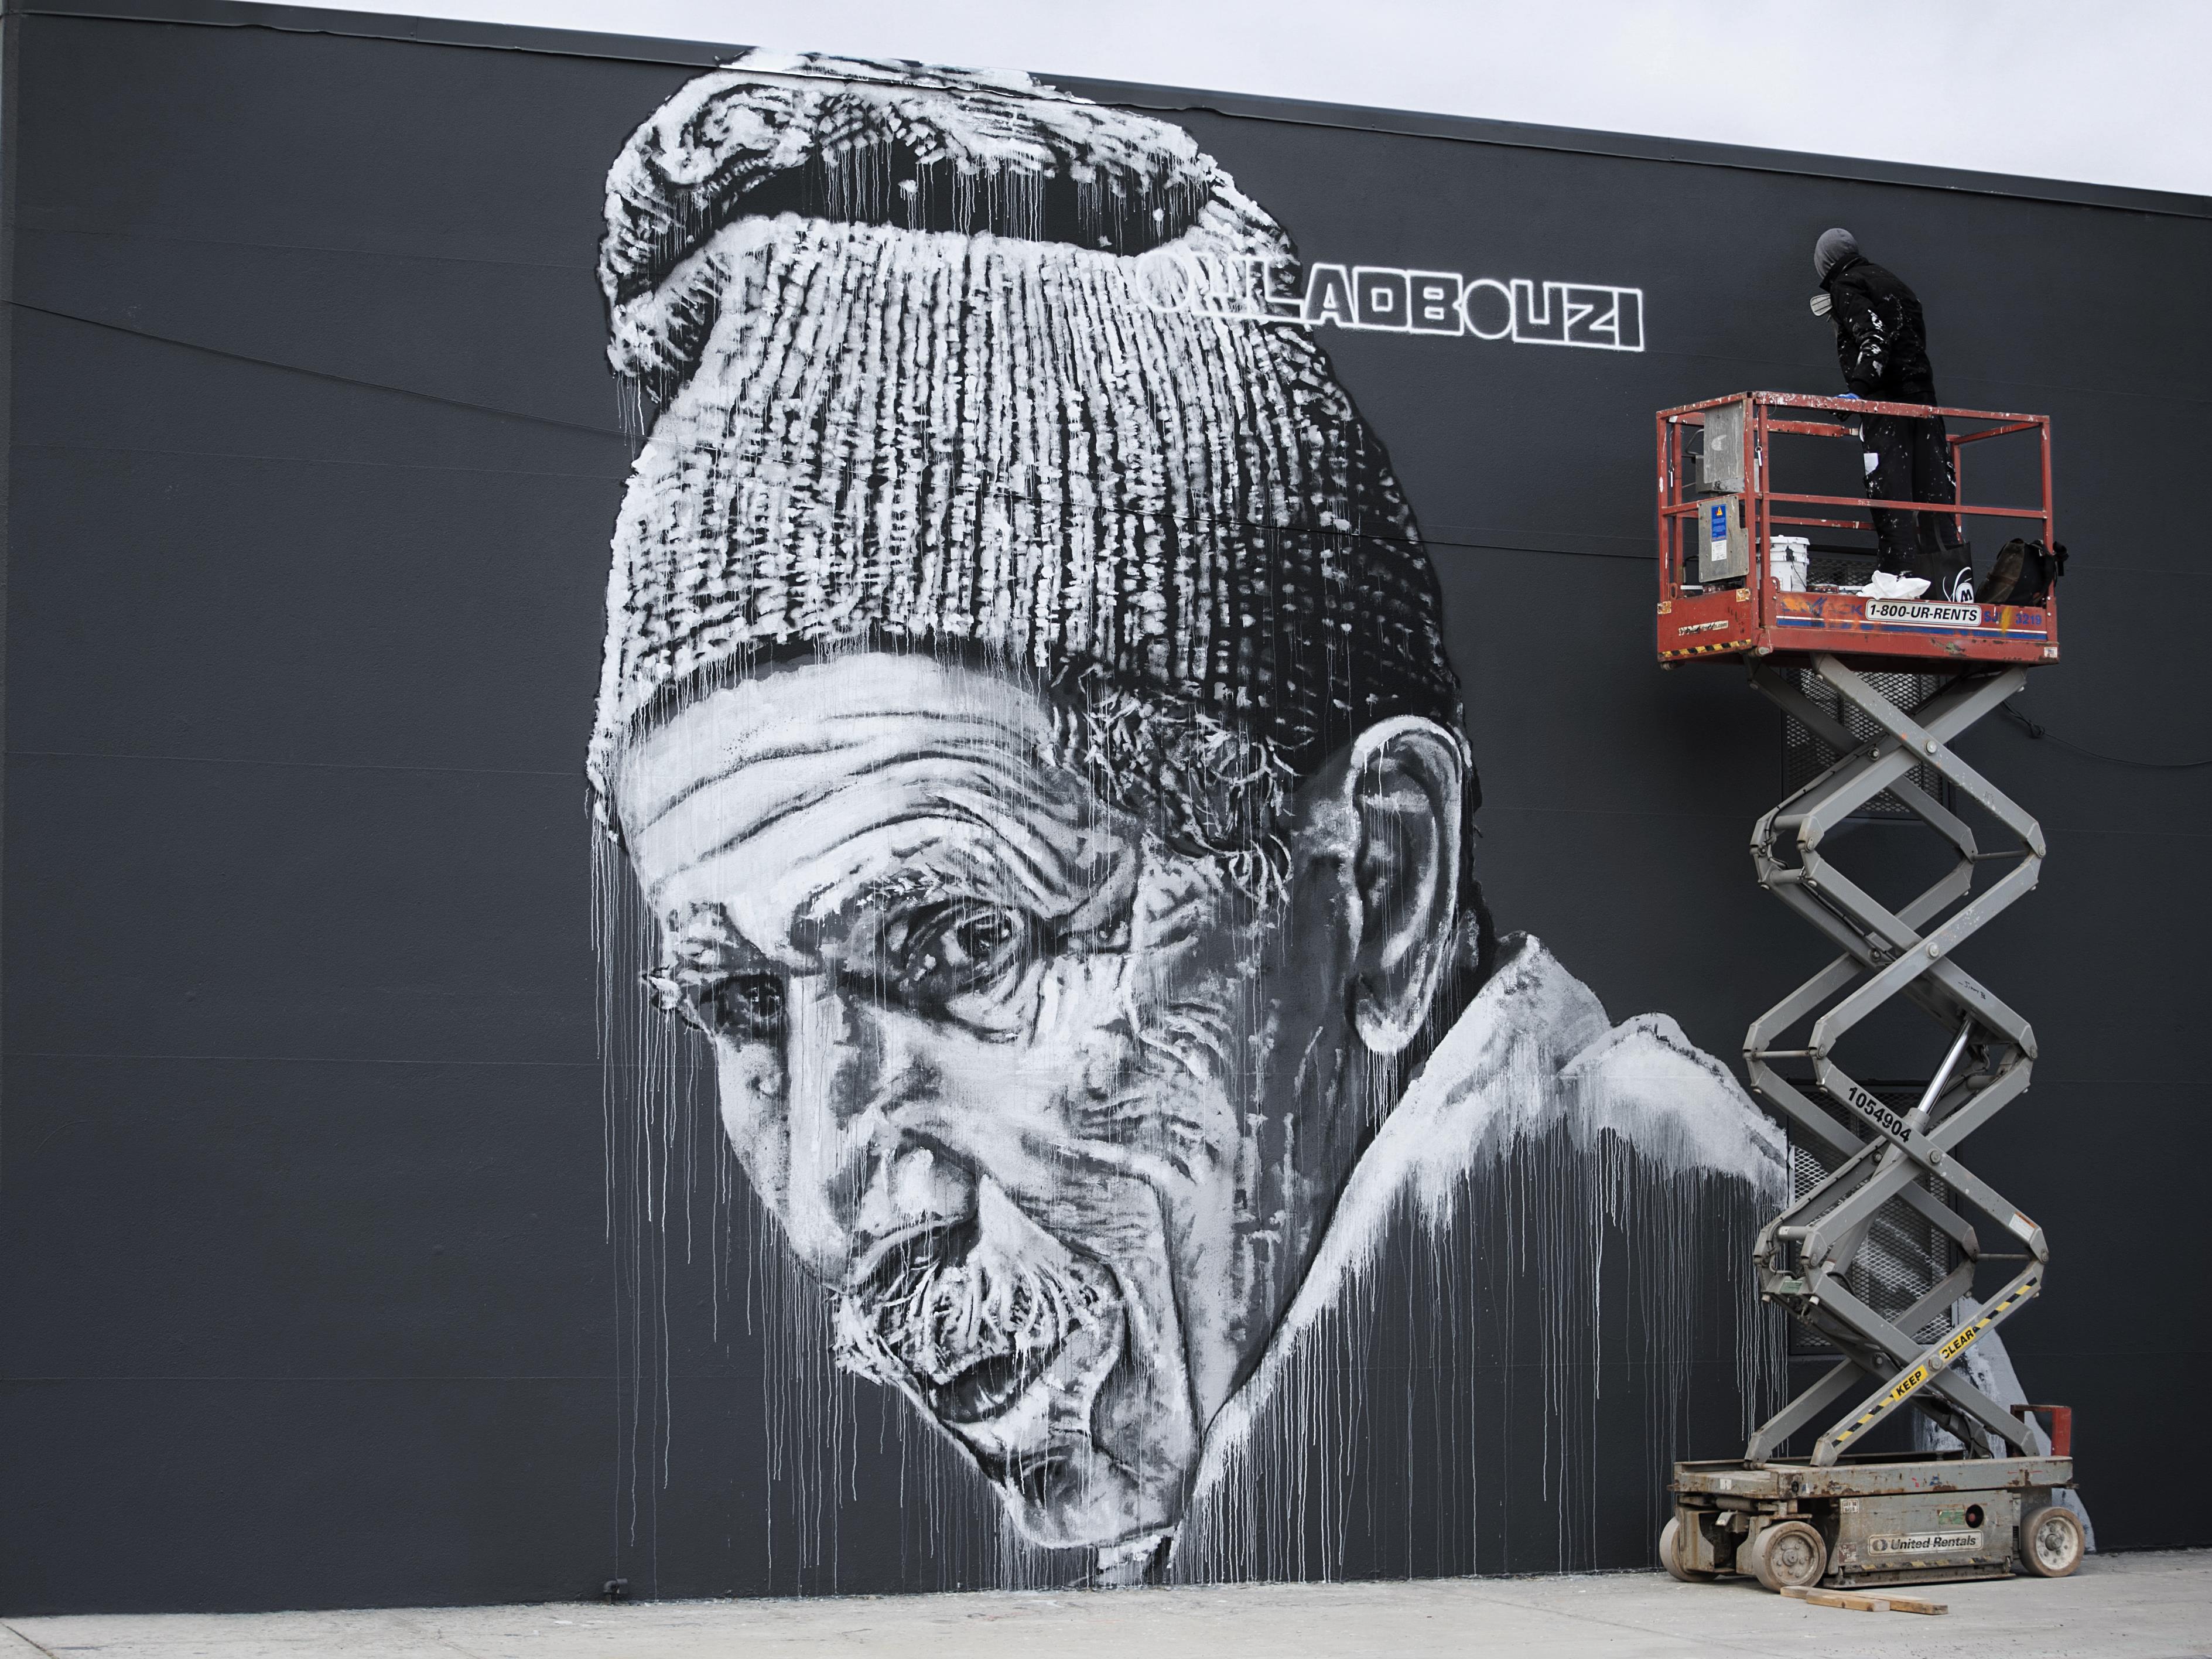 Création sur un mur à New York par Hendrik Beikirch